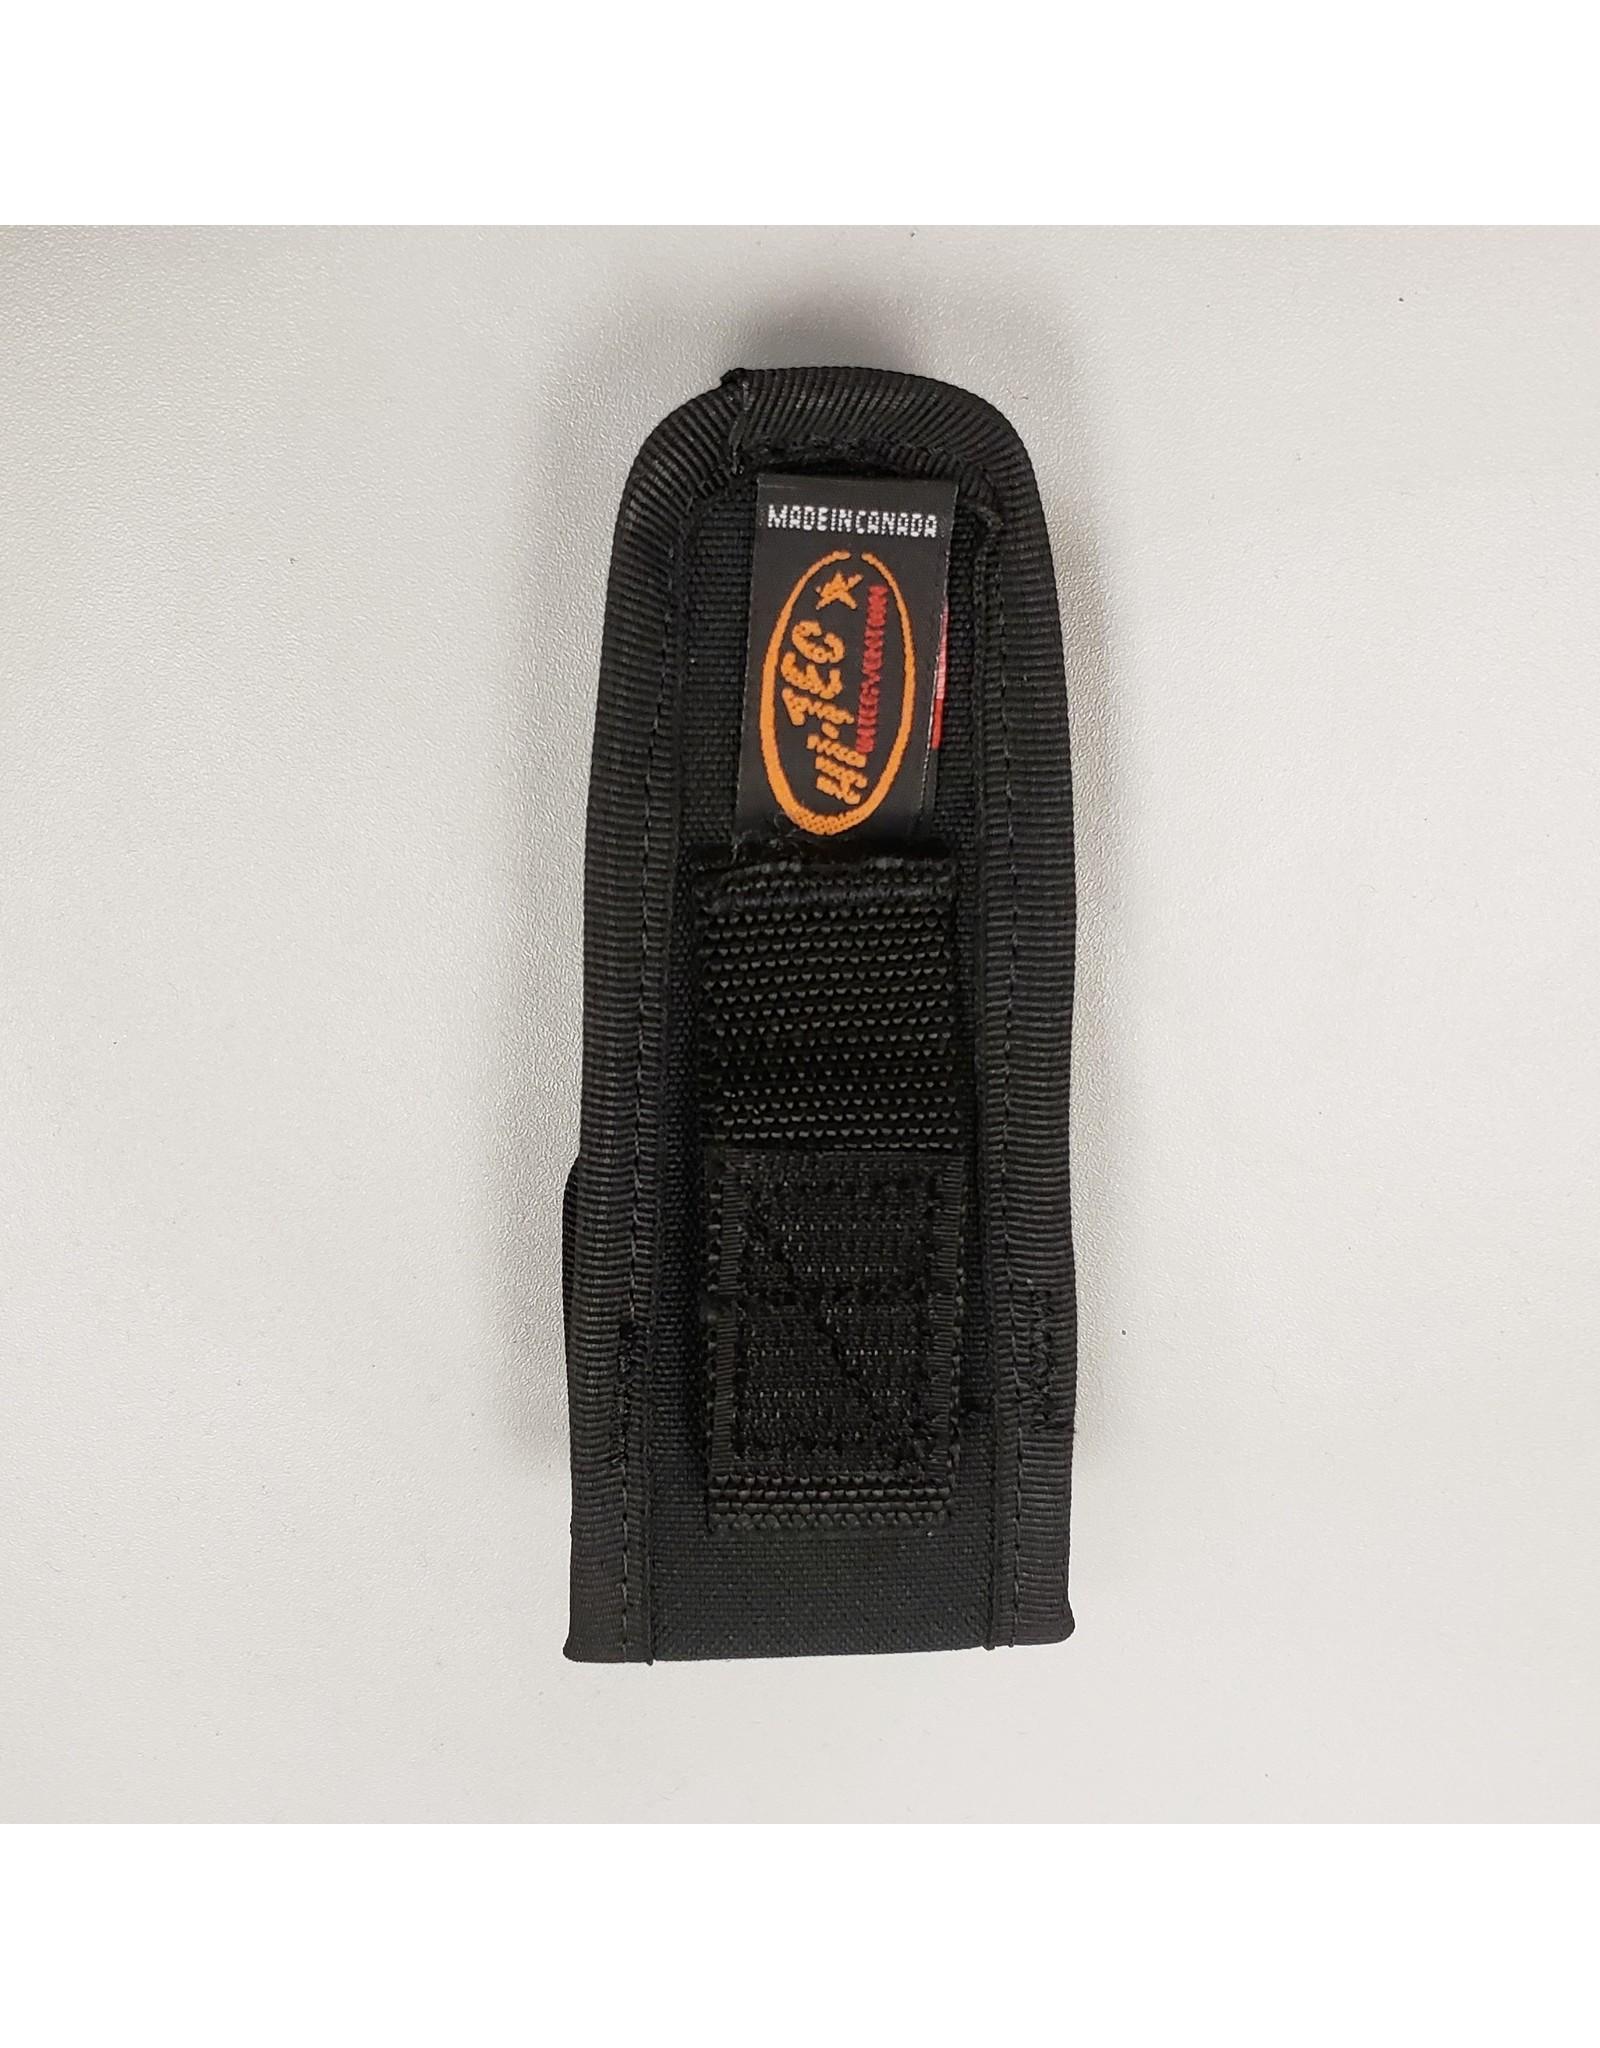 HI-TEC INTERVENTION Knife Case, Medium, Black - HT512